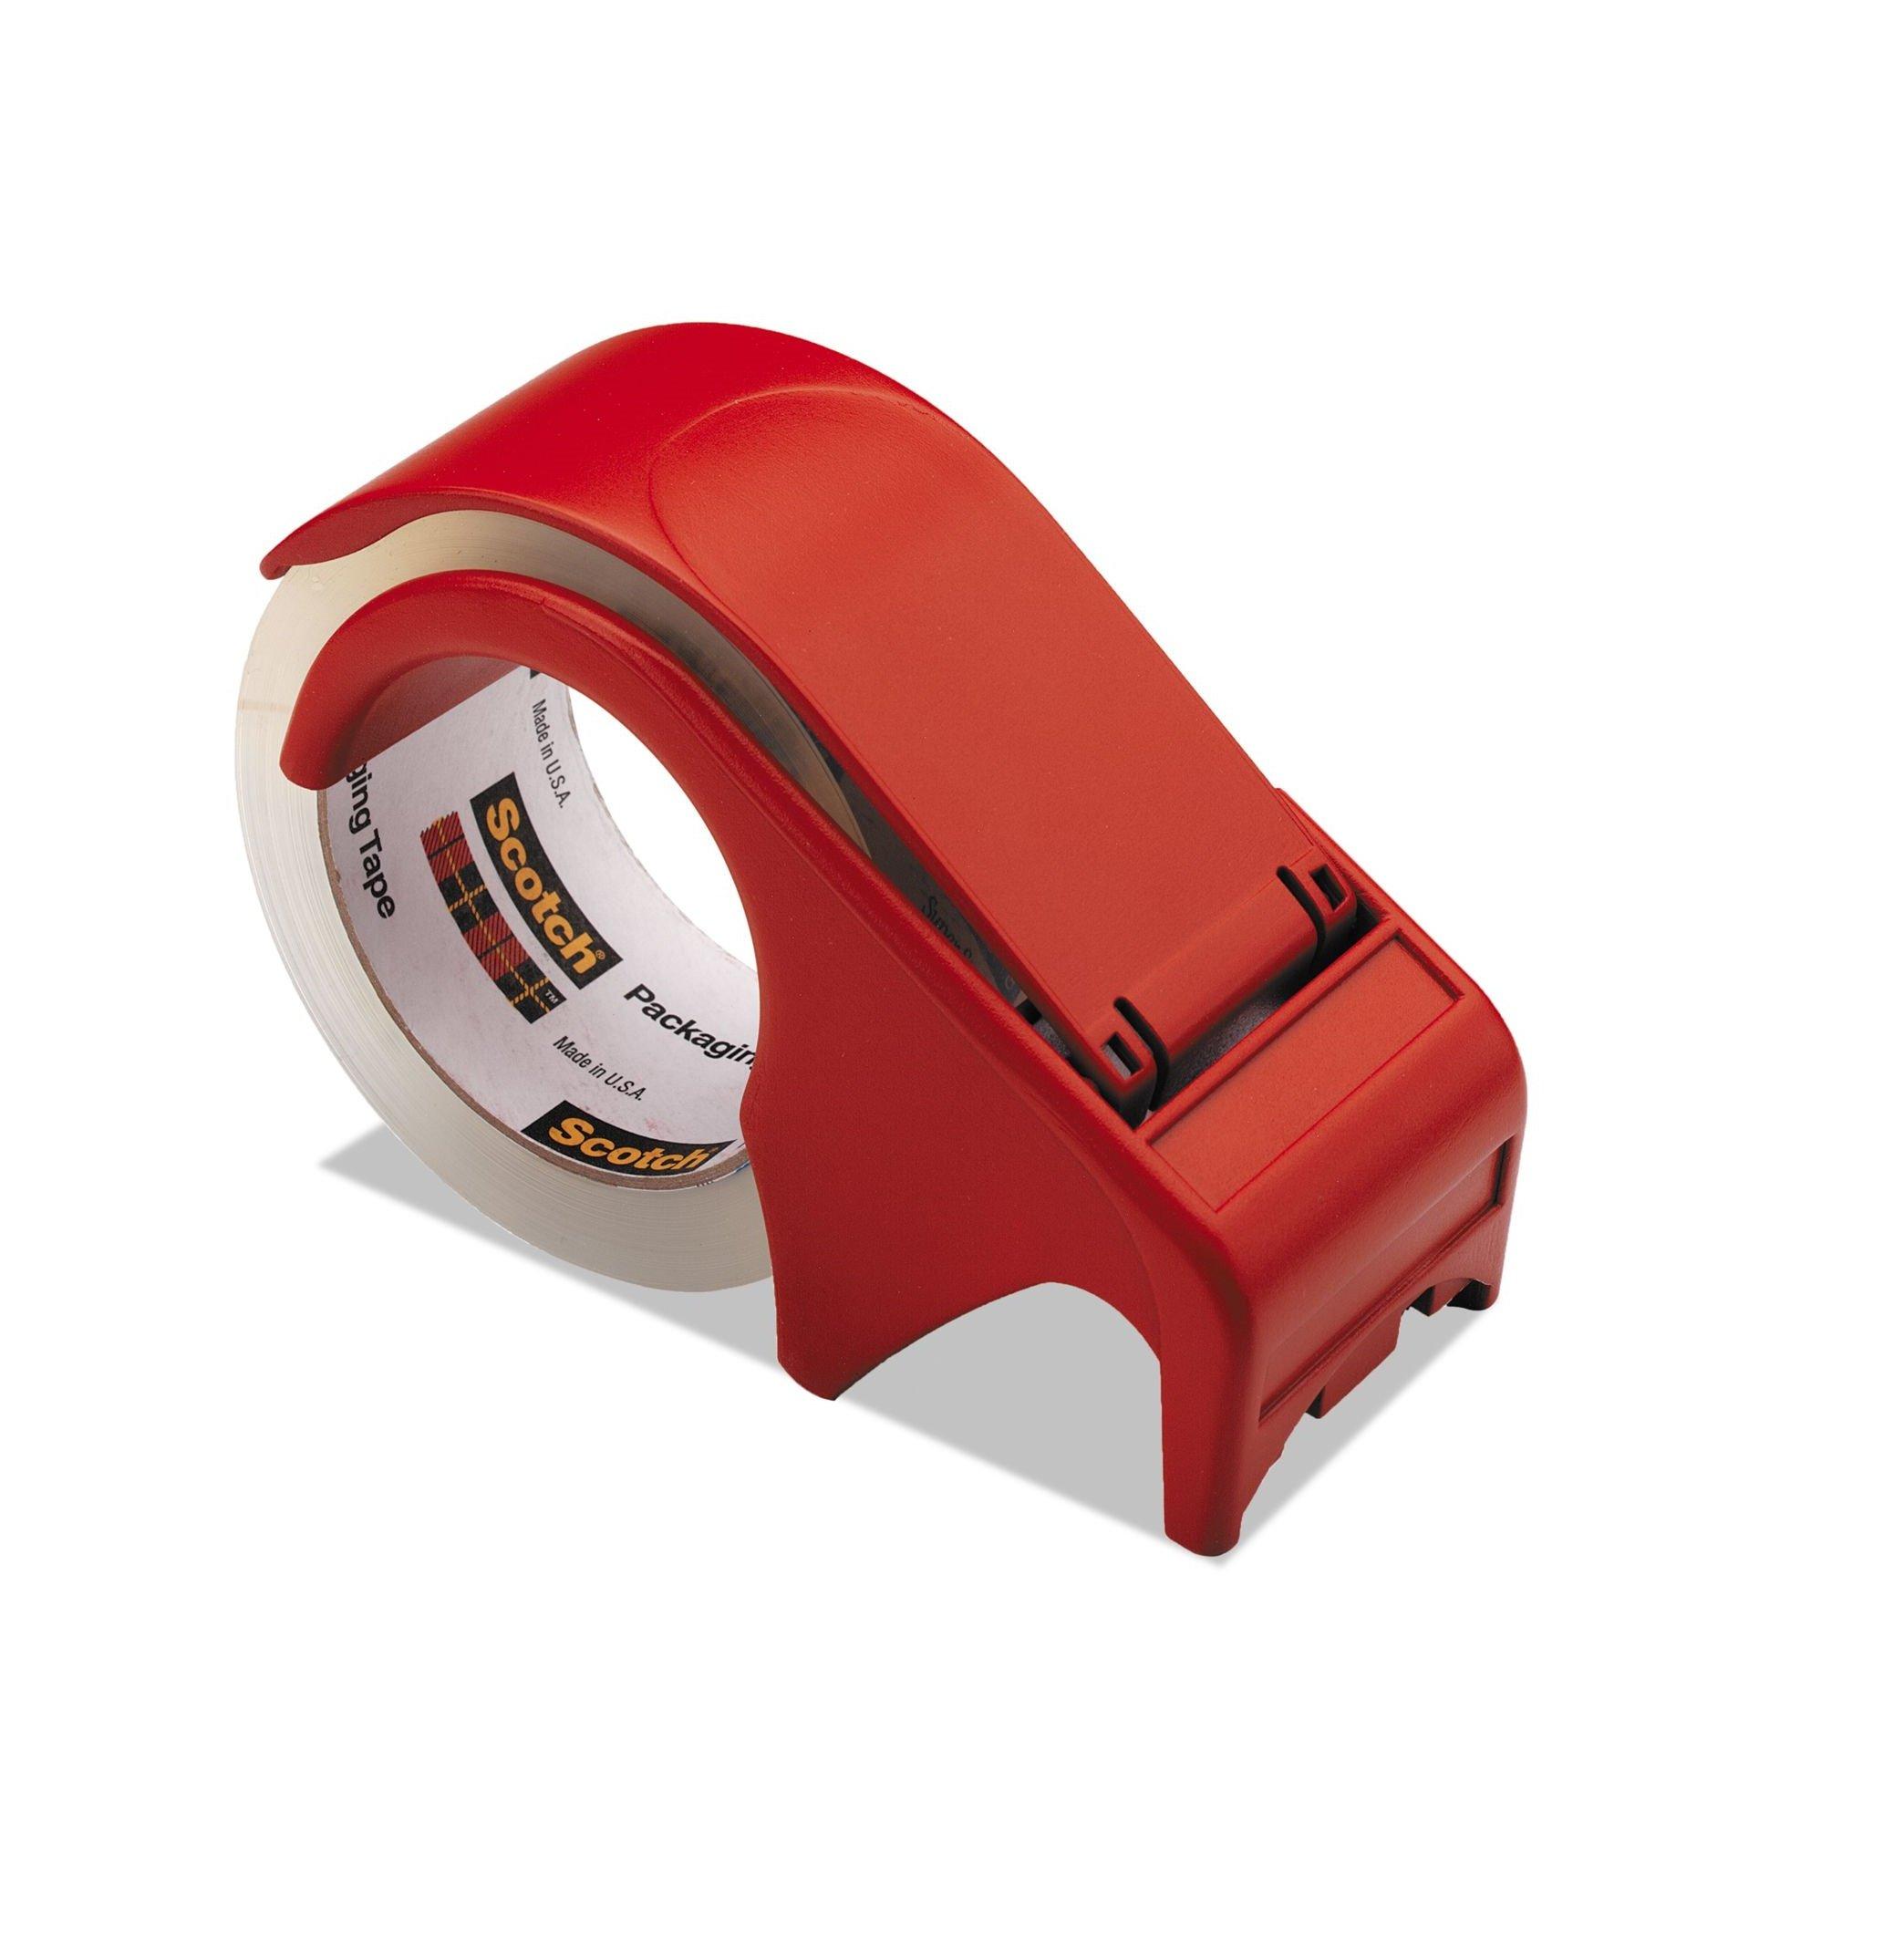 Scotch® Packaging Tape Hand Dispenser DP300-RD, 6-PACK